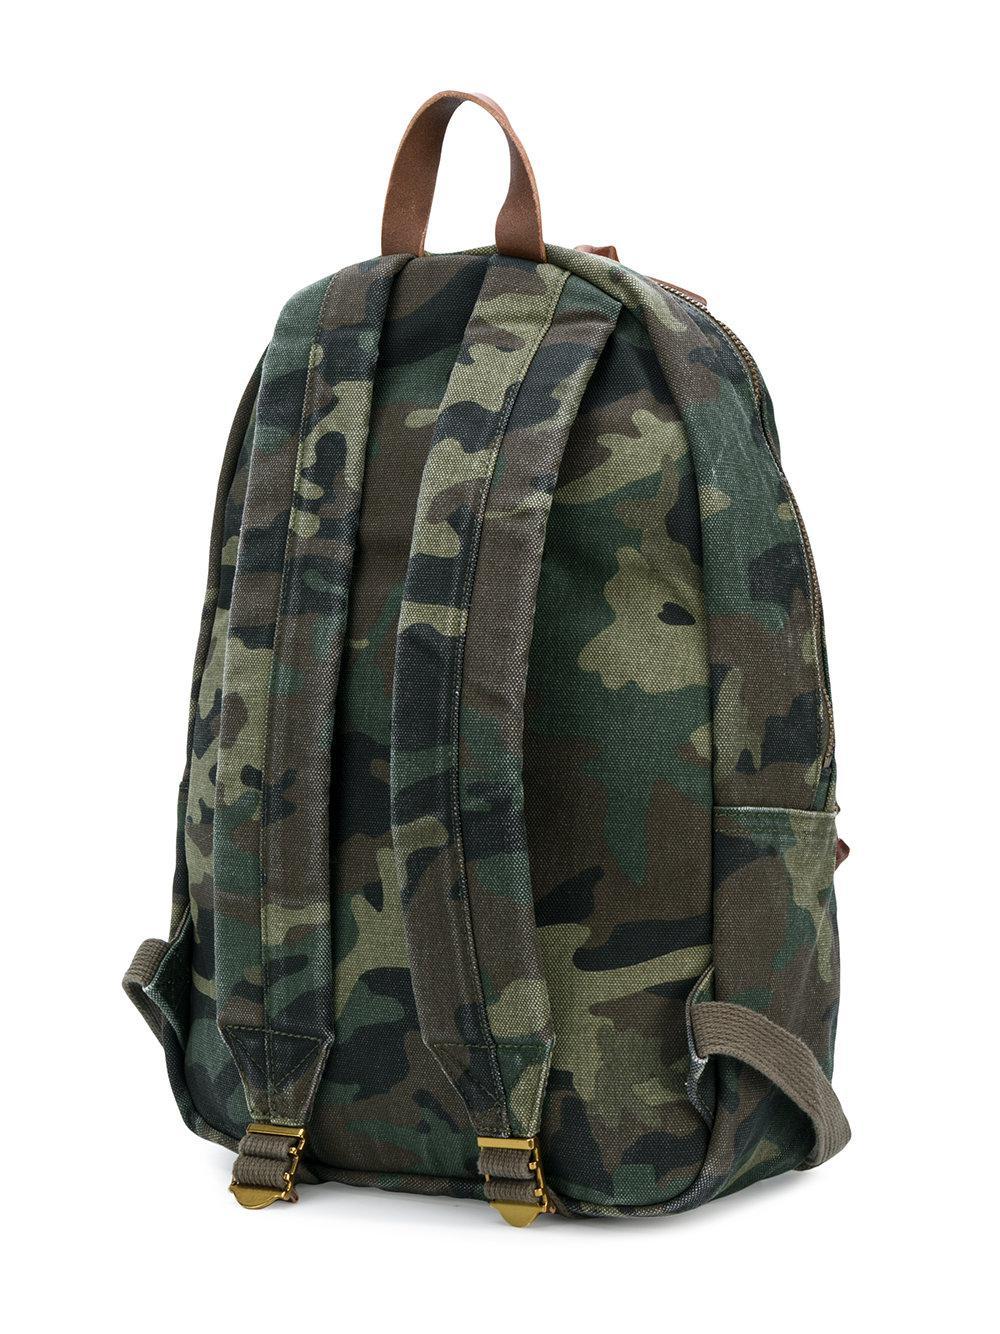 Lyst - Sac à dos imprimé camouflage à logo brodé Polo Ralph Lauren ... f748df5914b1